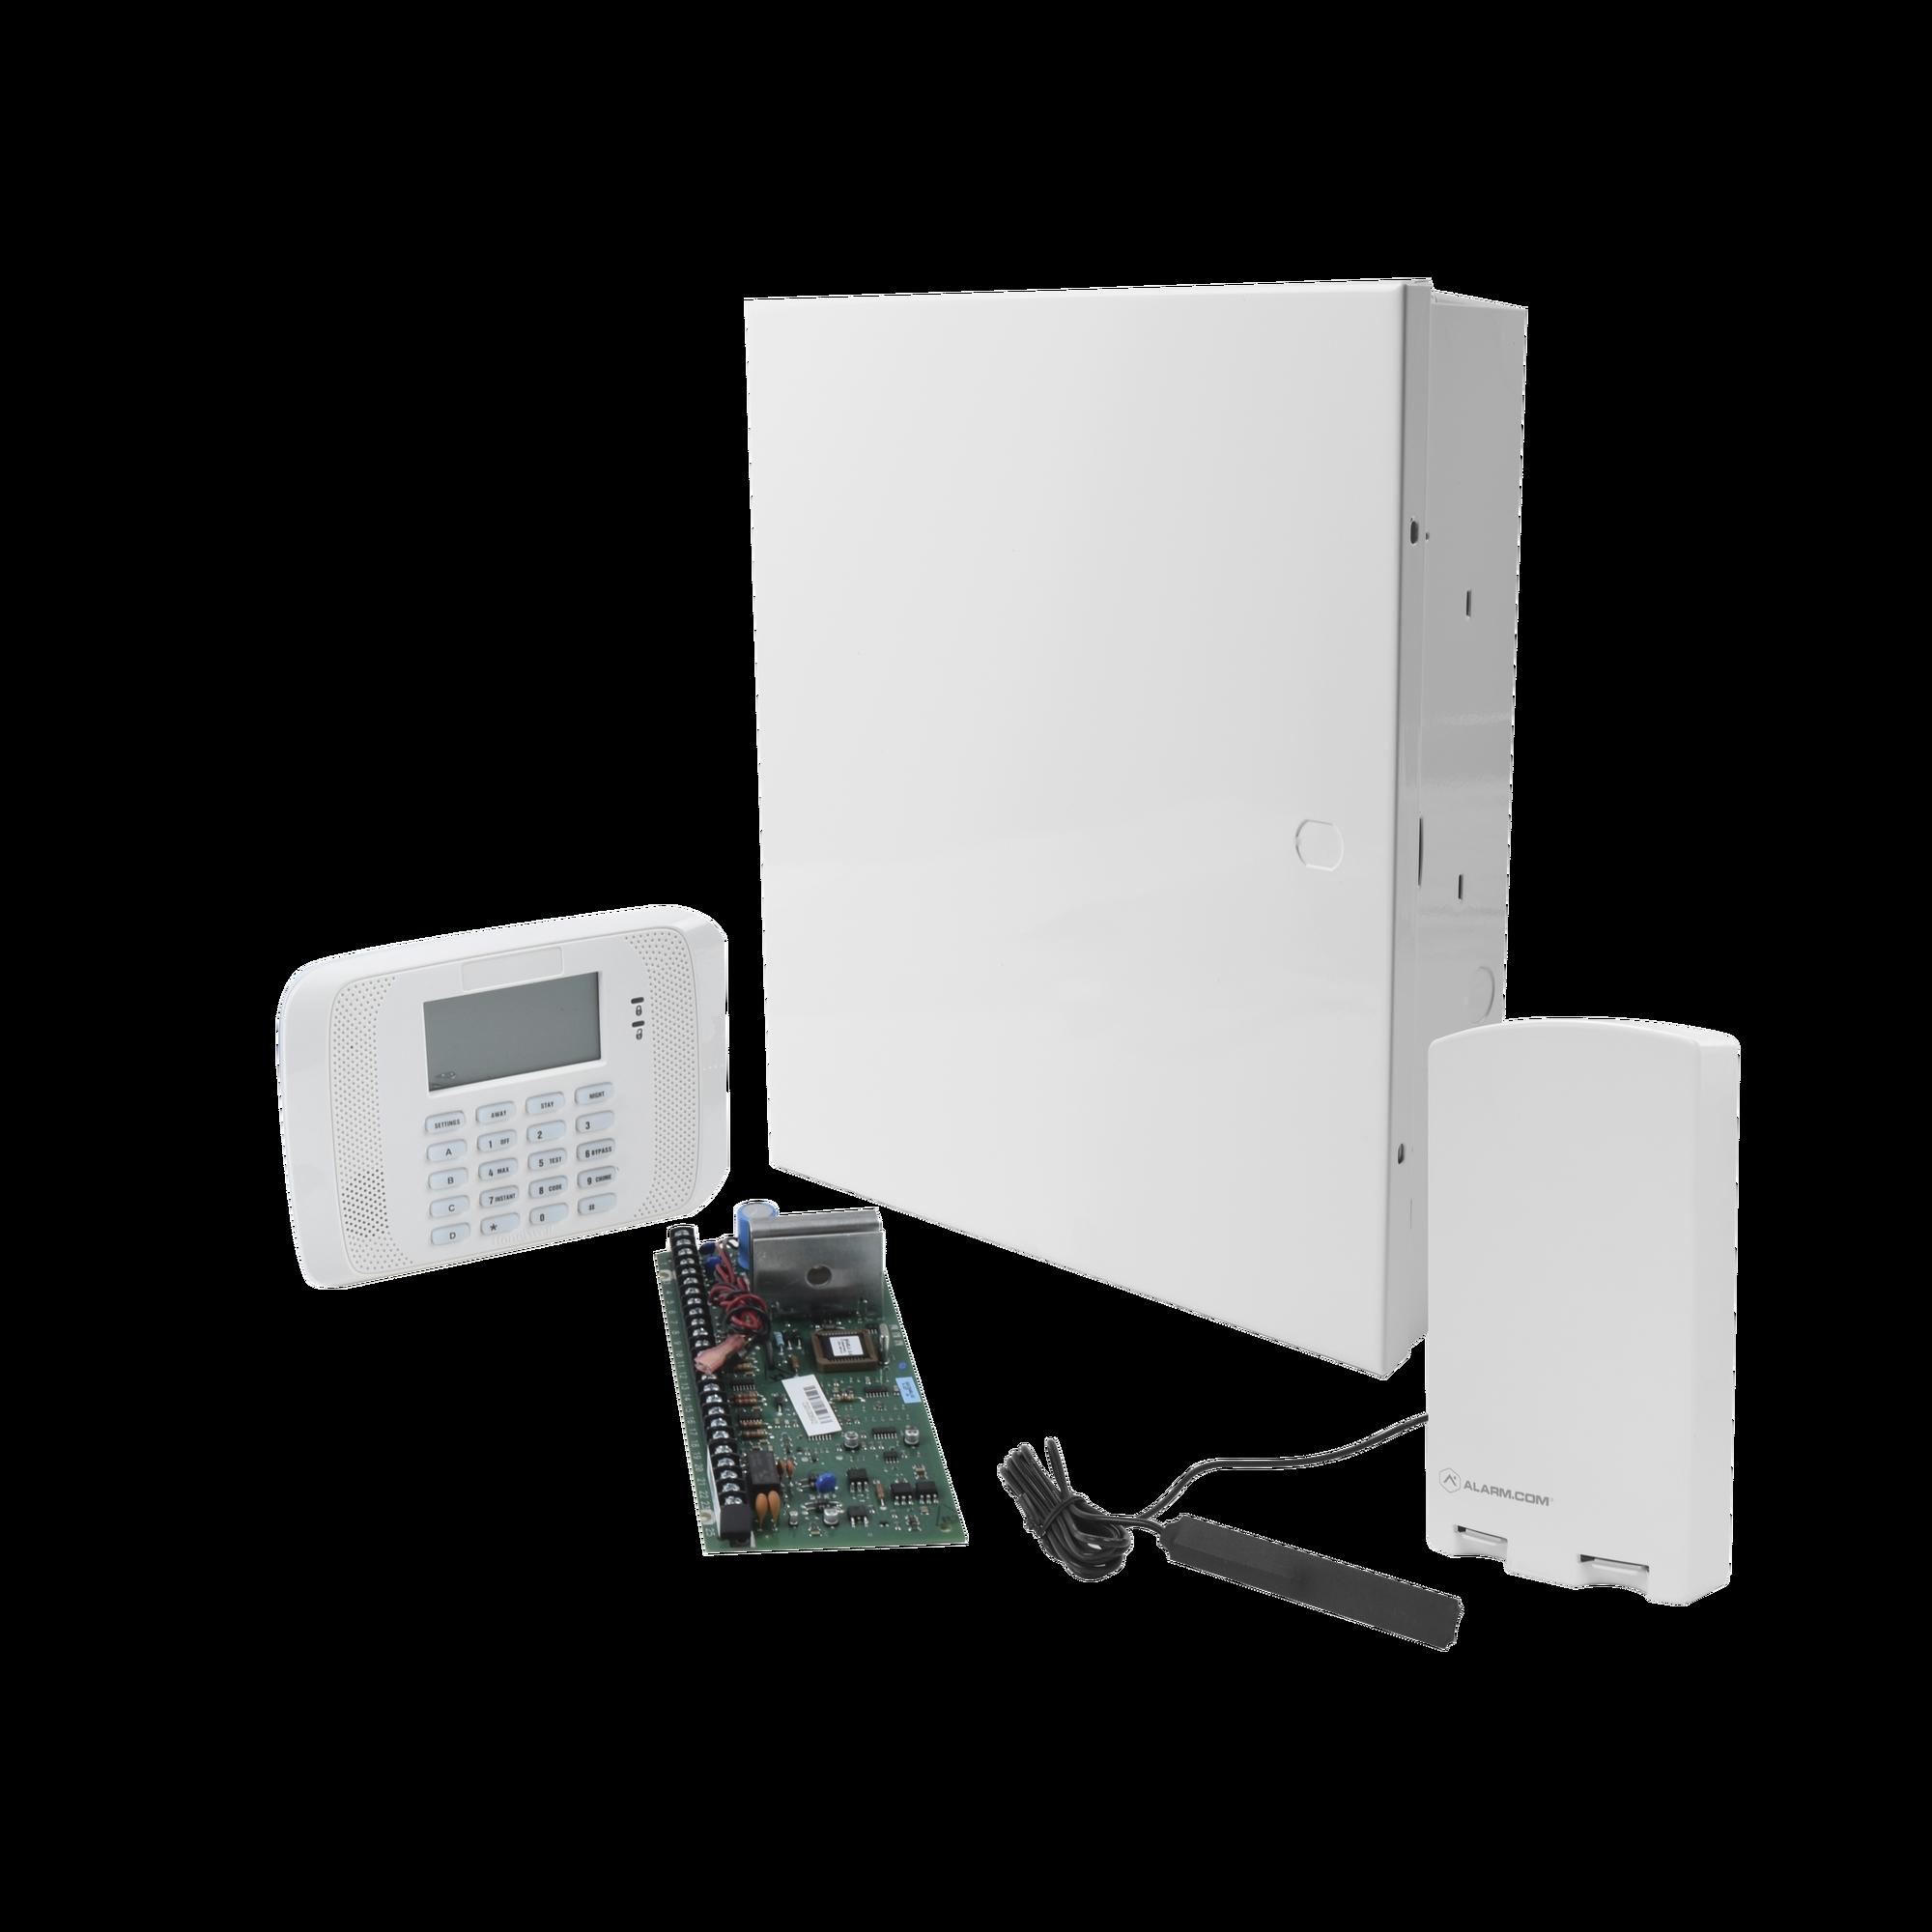 Sistema de Alarma VISTA20P con Comunicador ALARM.COM GSM / ZWAVE / Integracion LUTRON / YALE / Teclado Alfanumerico y Receptor Inalambrico Interconstruido